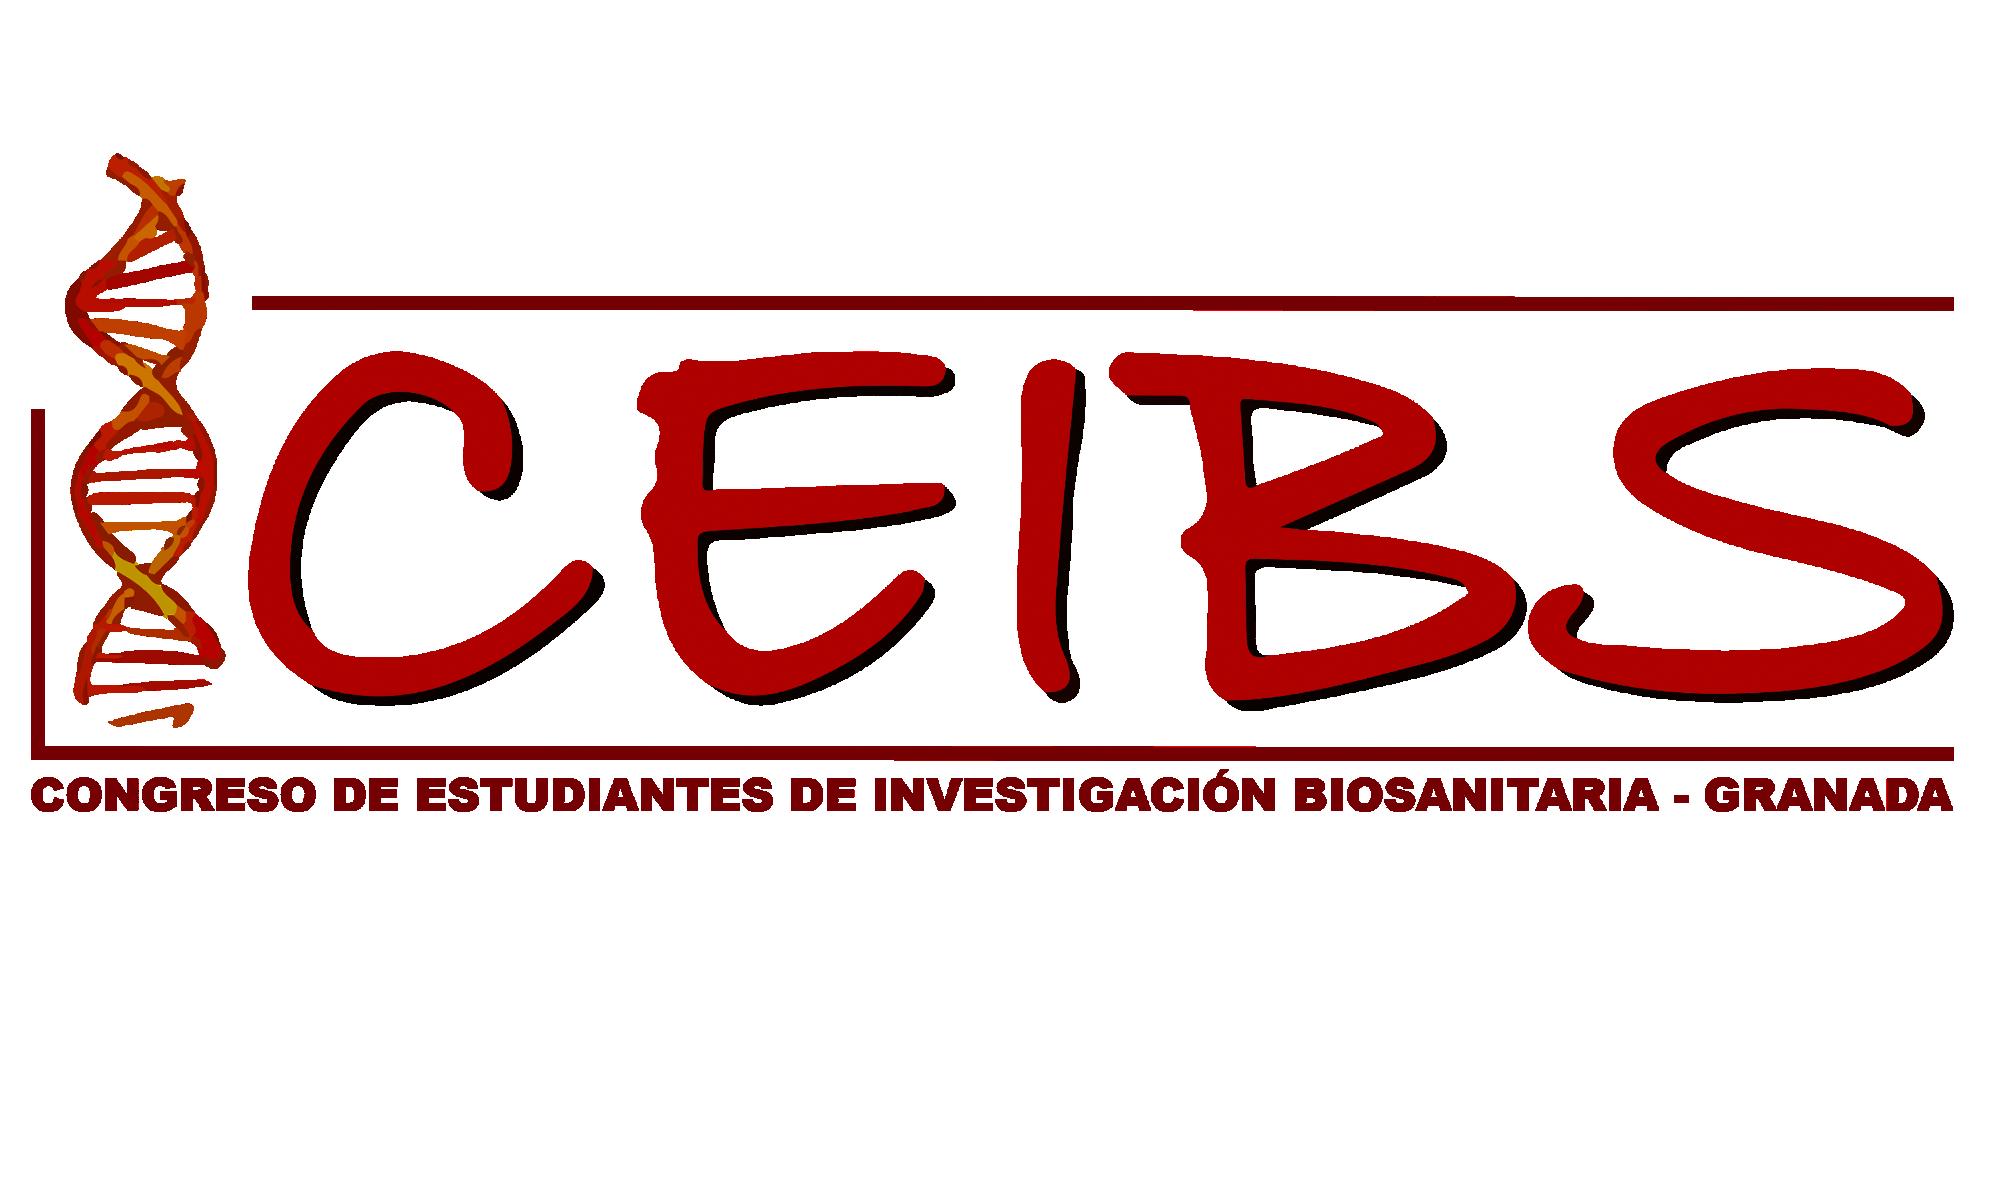 IV CEIBS